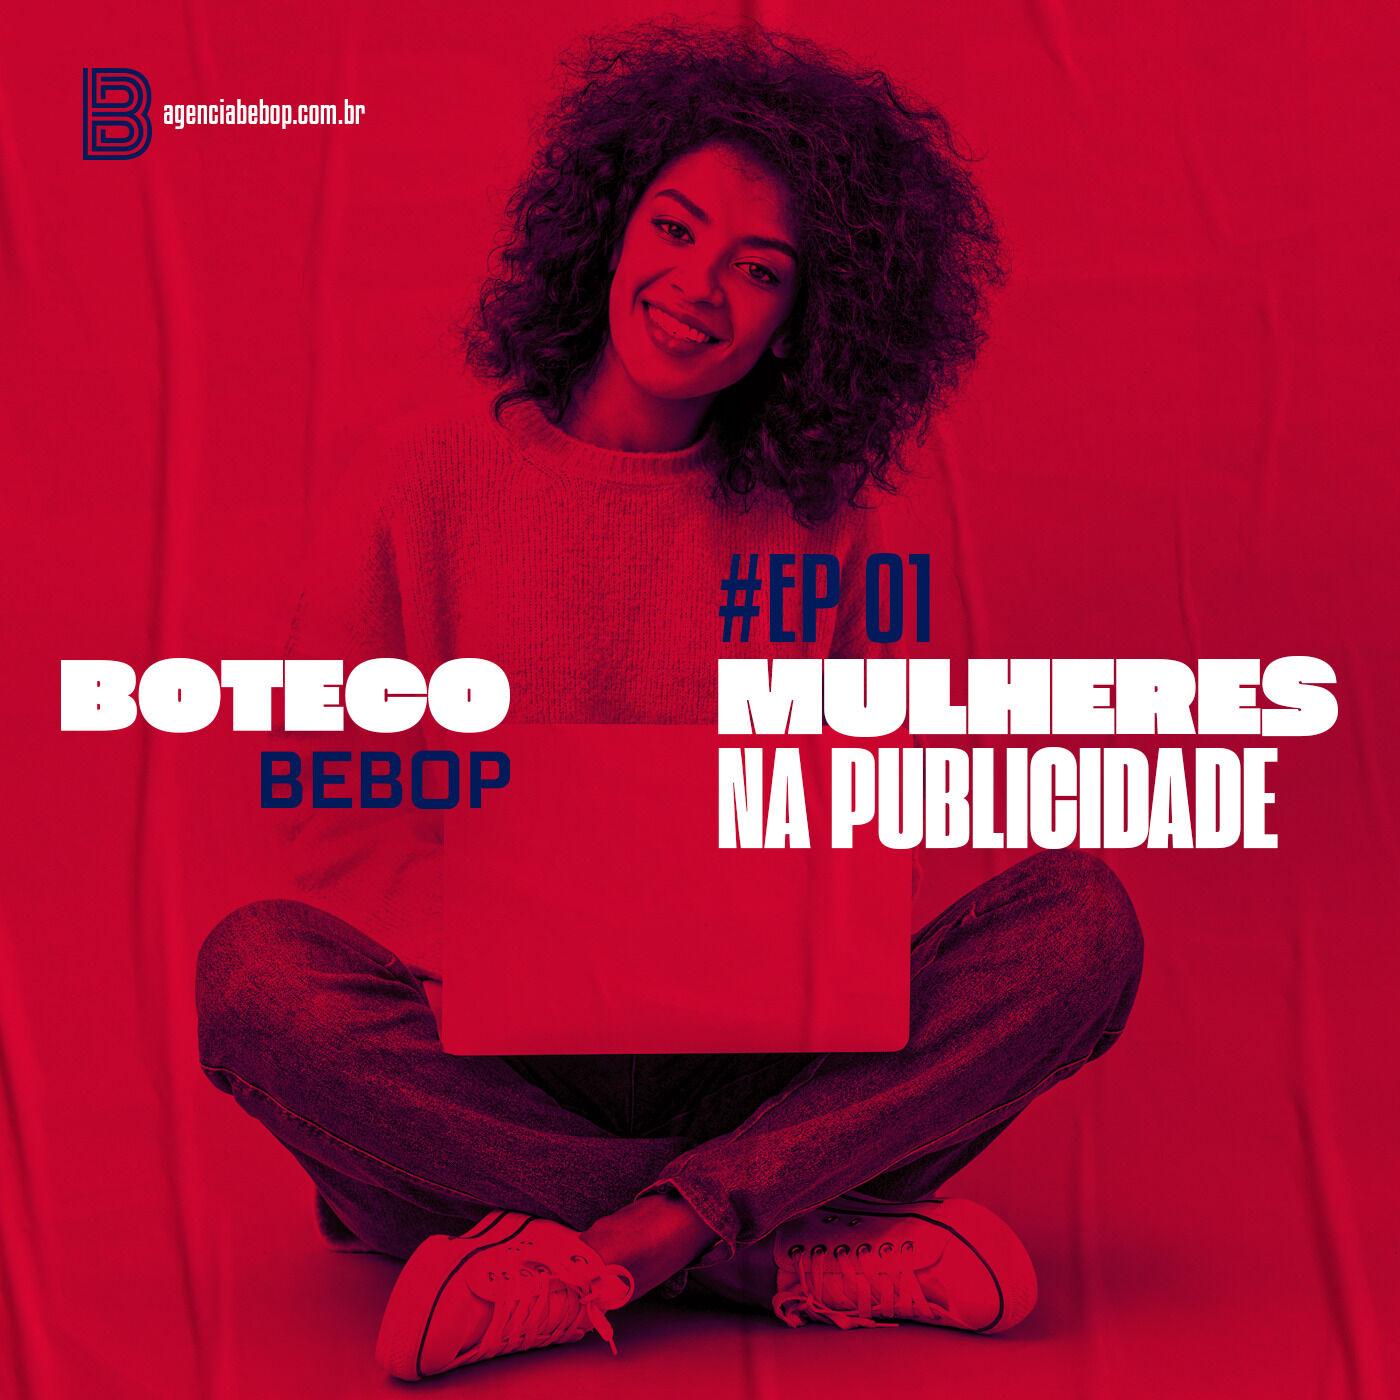 #EP 01 - Boteco Bebop | Mulheres na Publicidade